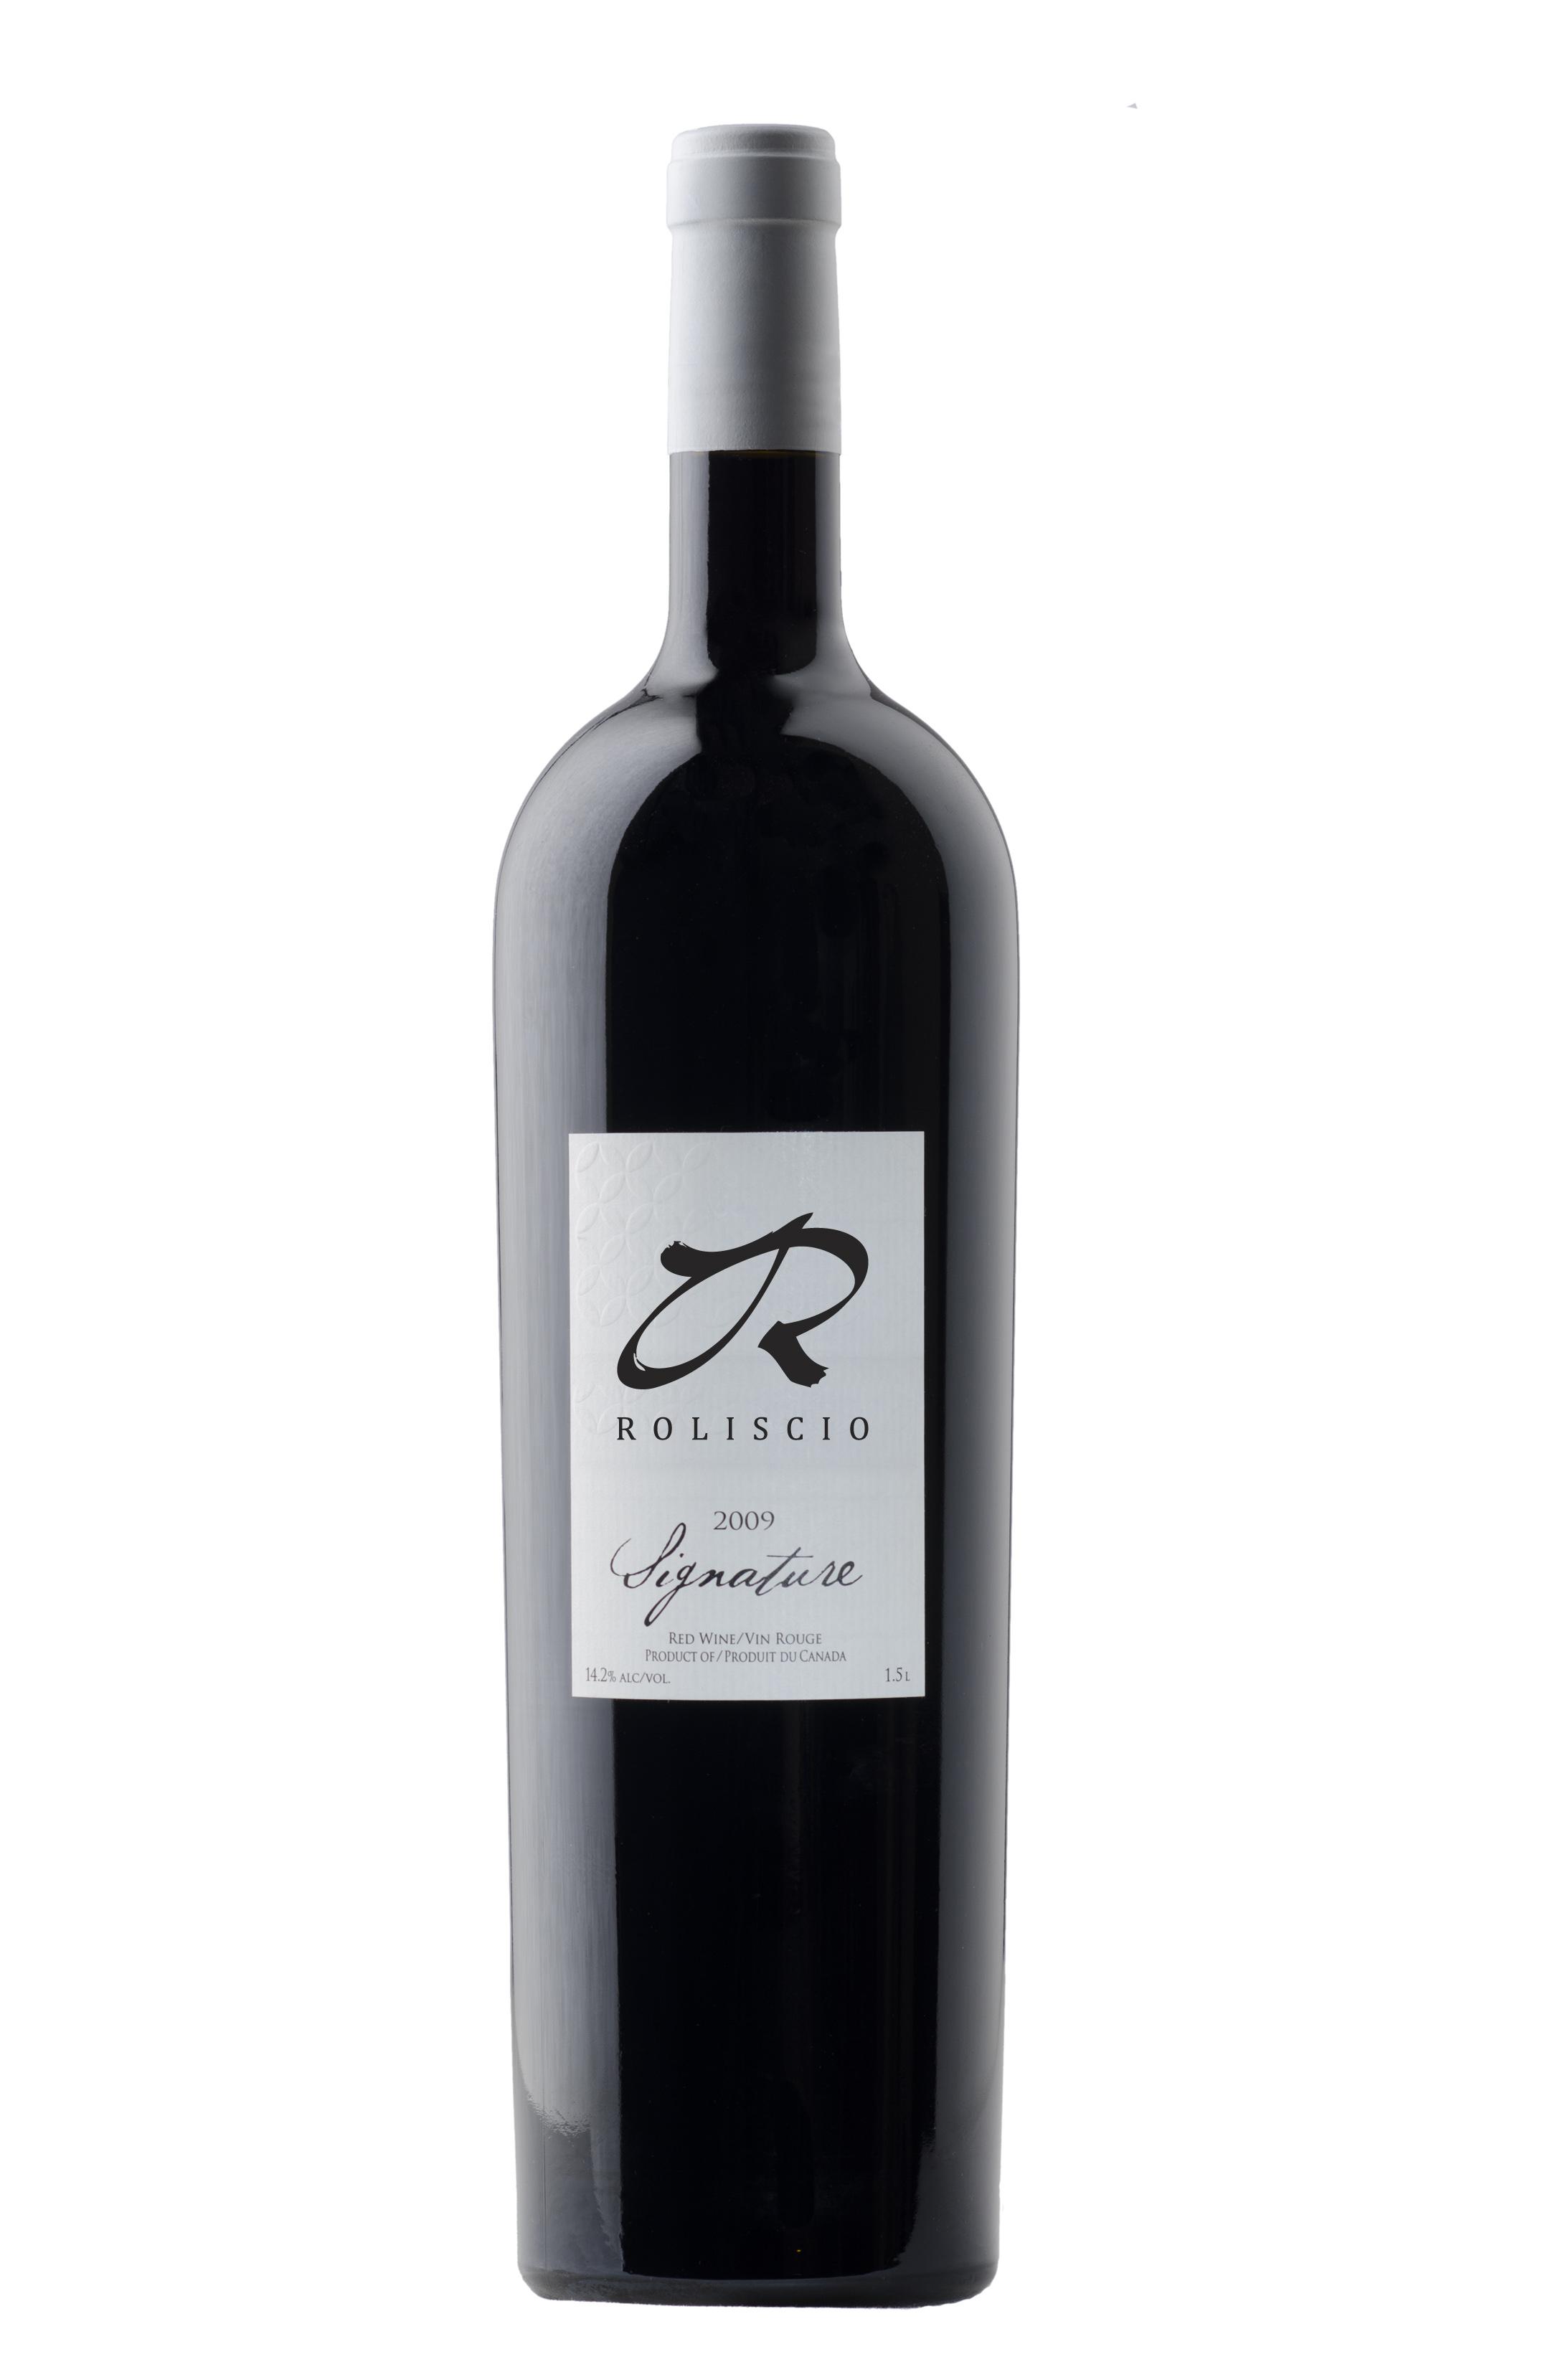 roliscio_wine_label_003